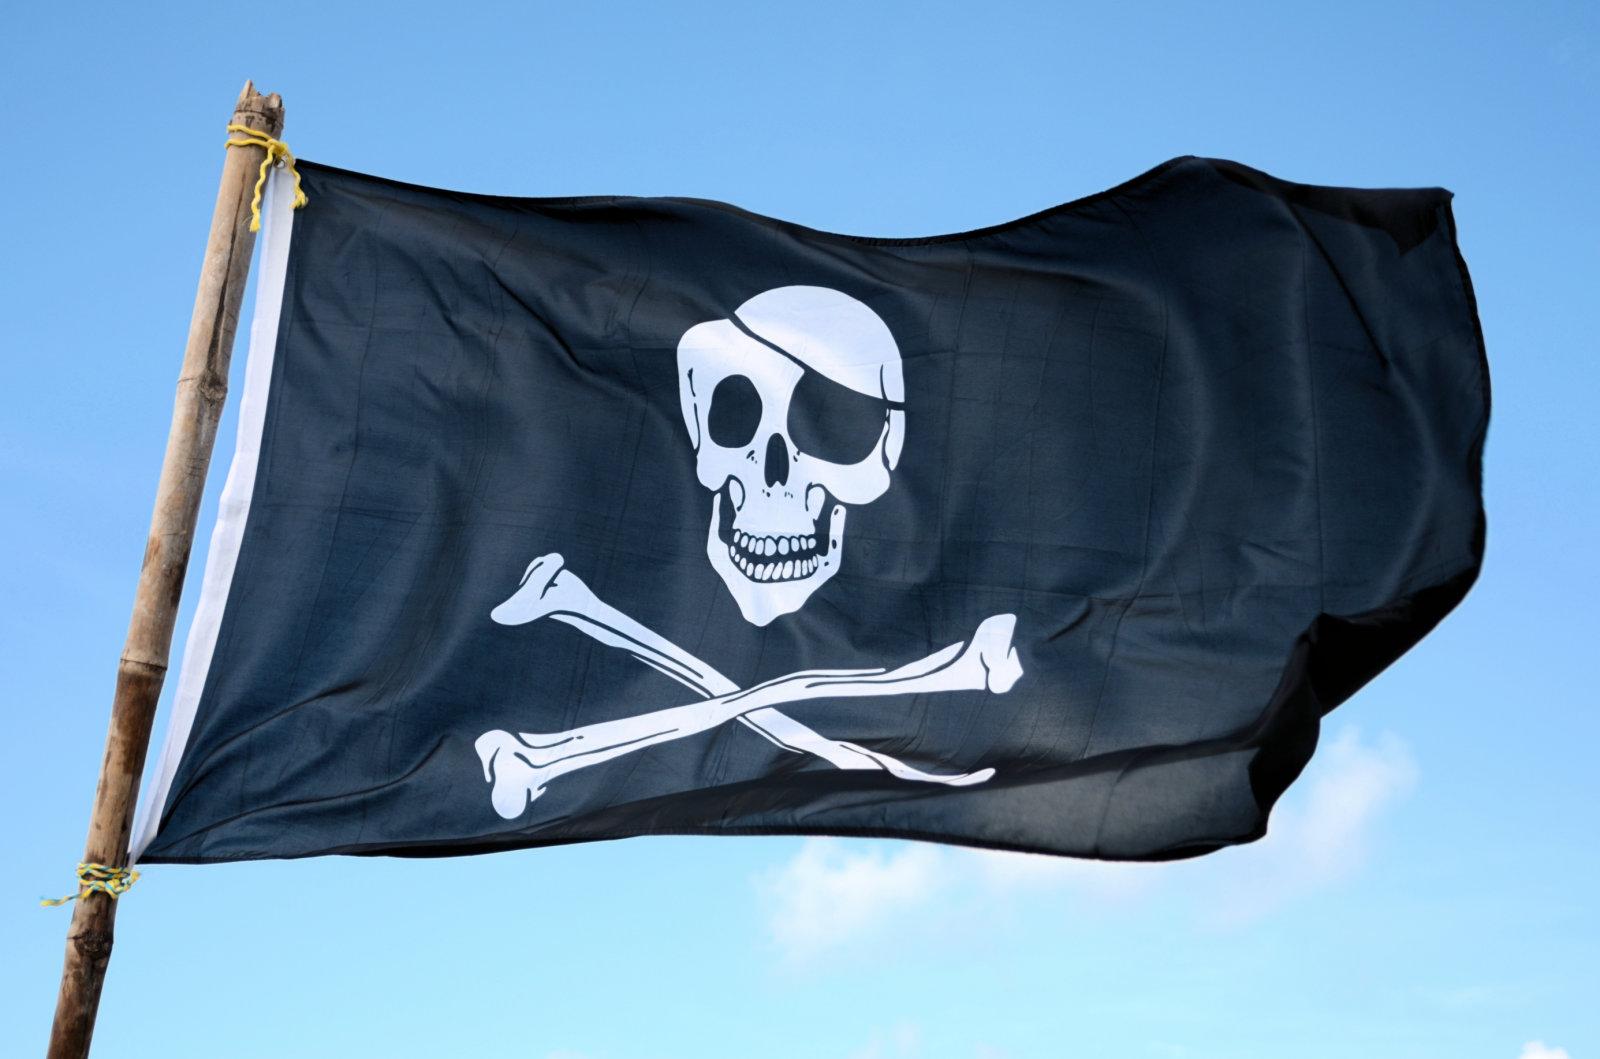 p2p, piracy, six strikes